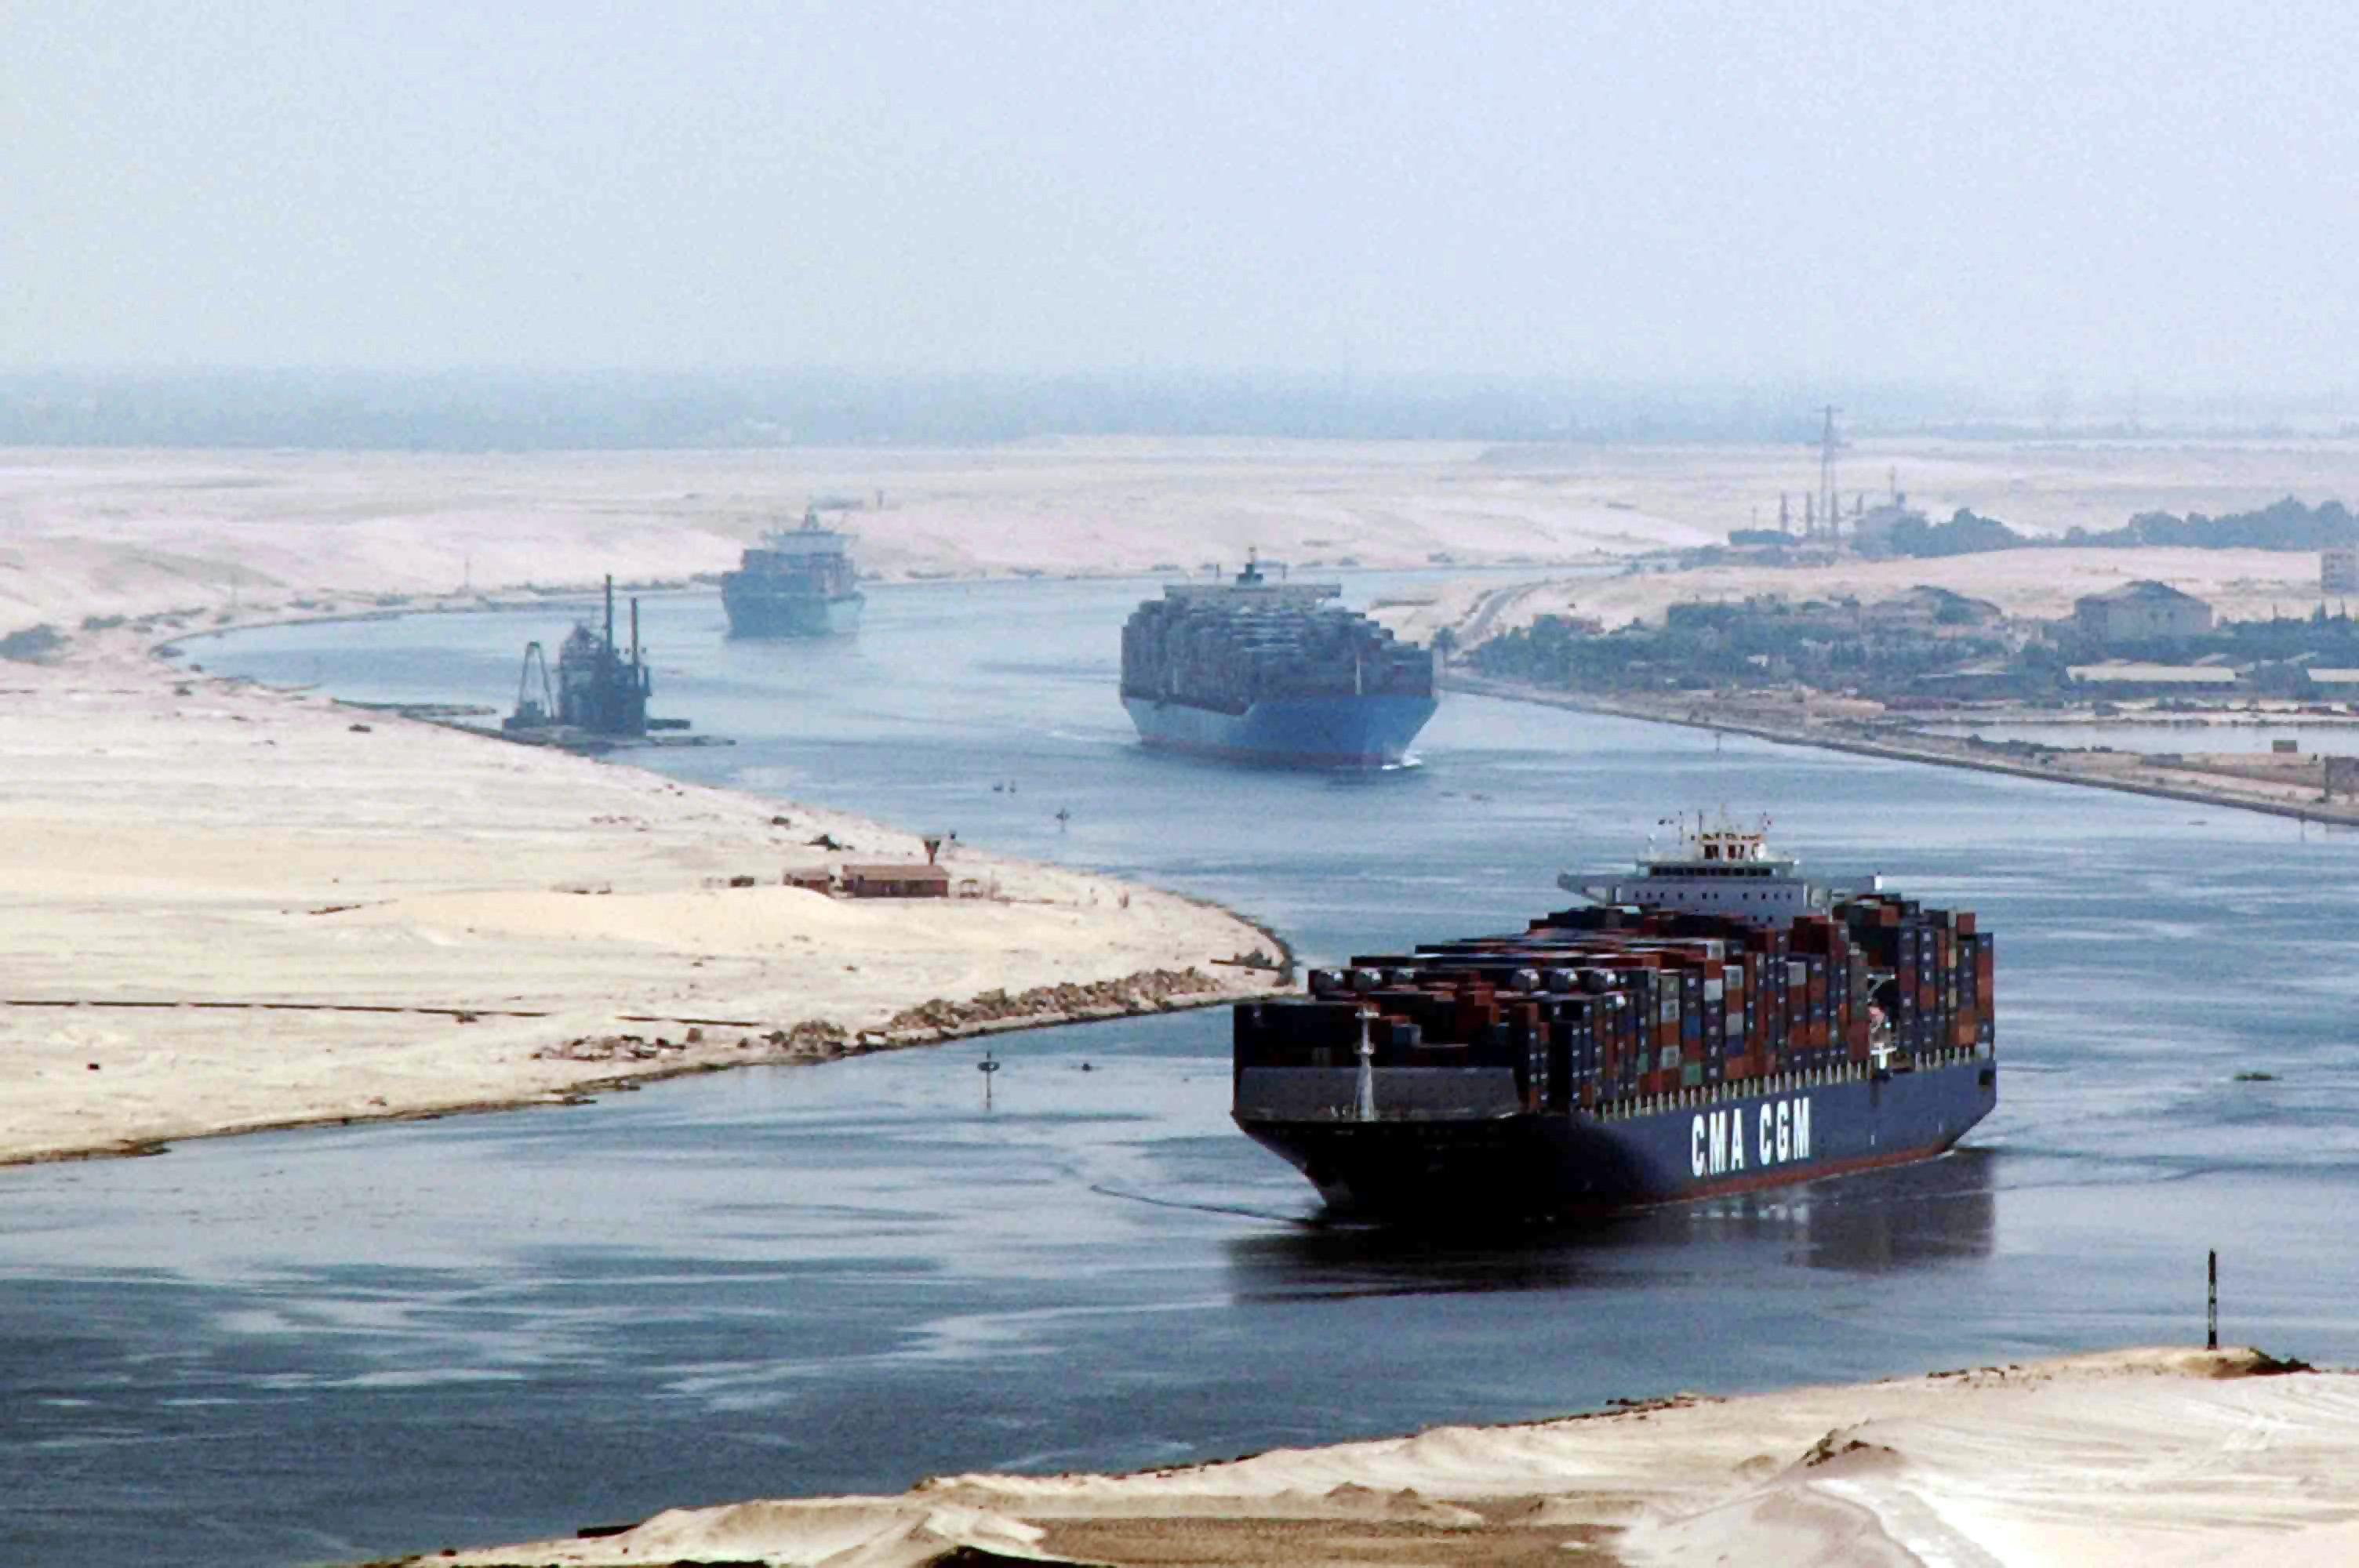 ارتفاع إيرادات قناة السويس المصرية إلى 470.6 مليون دولار في أغسطس